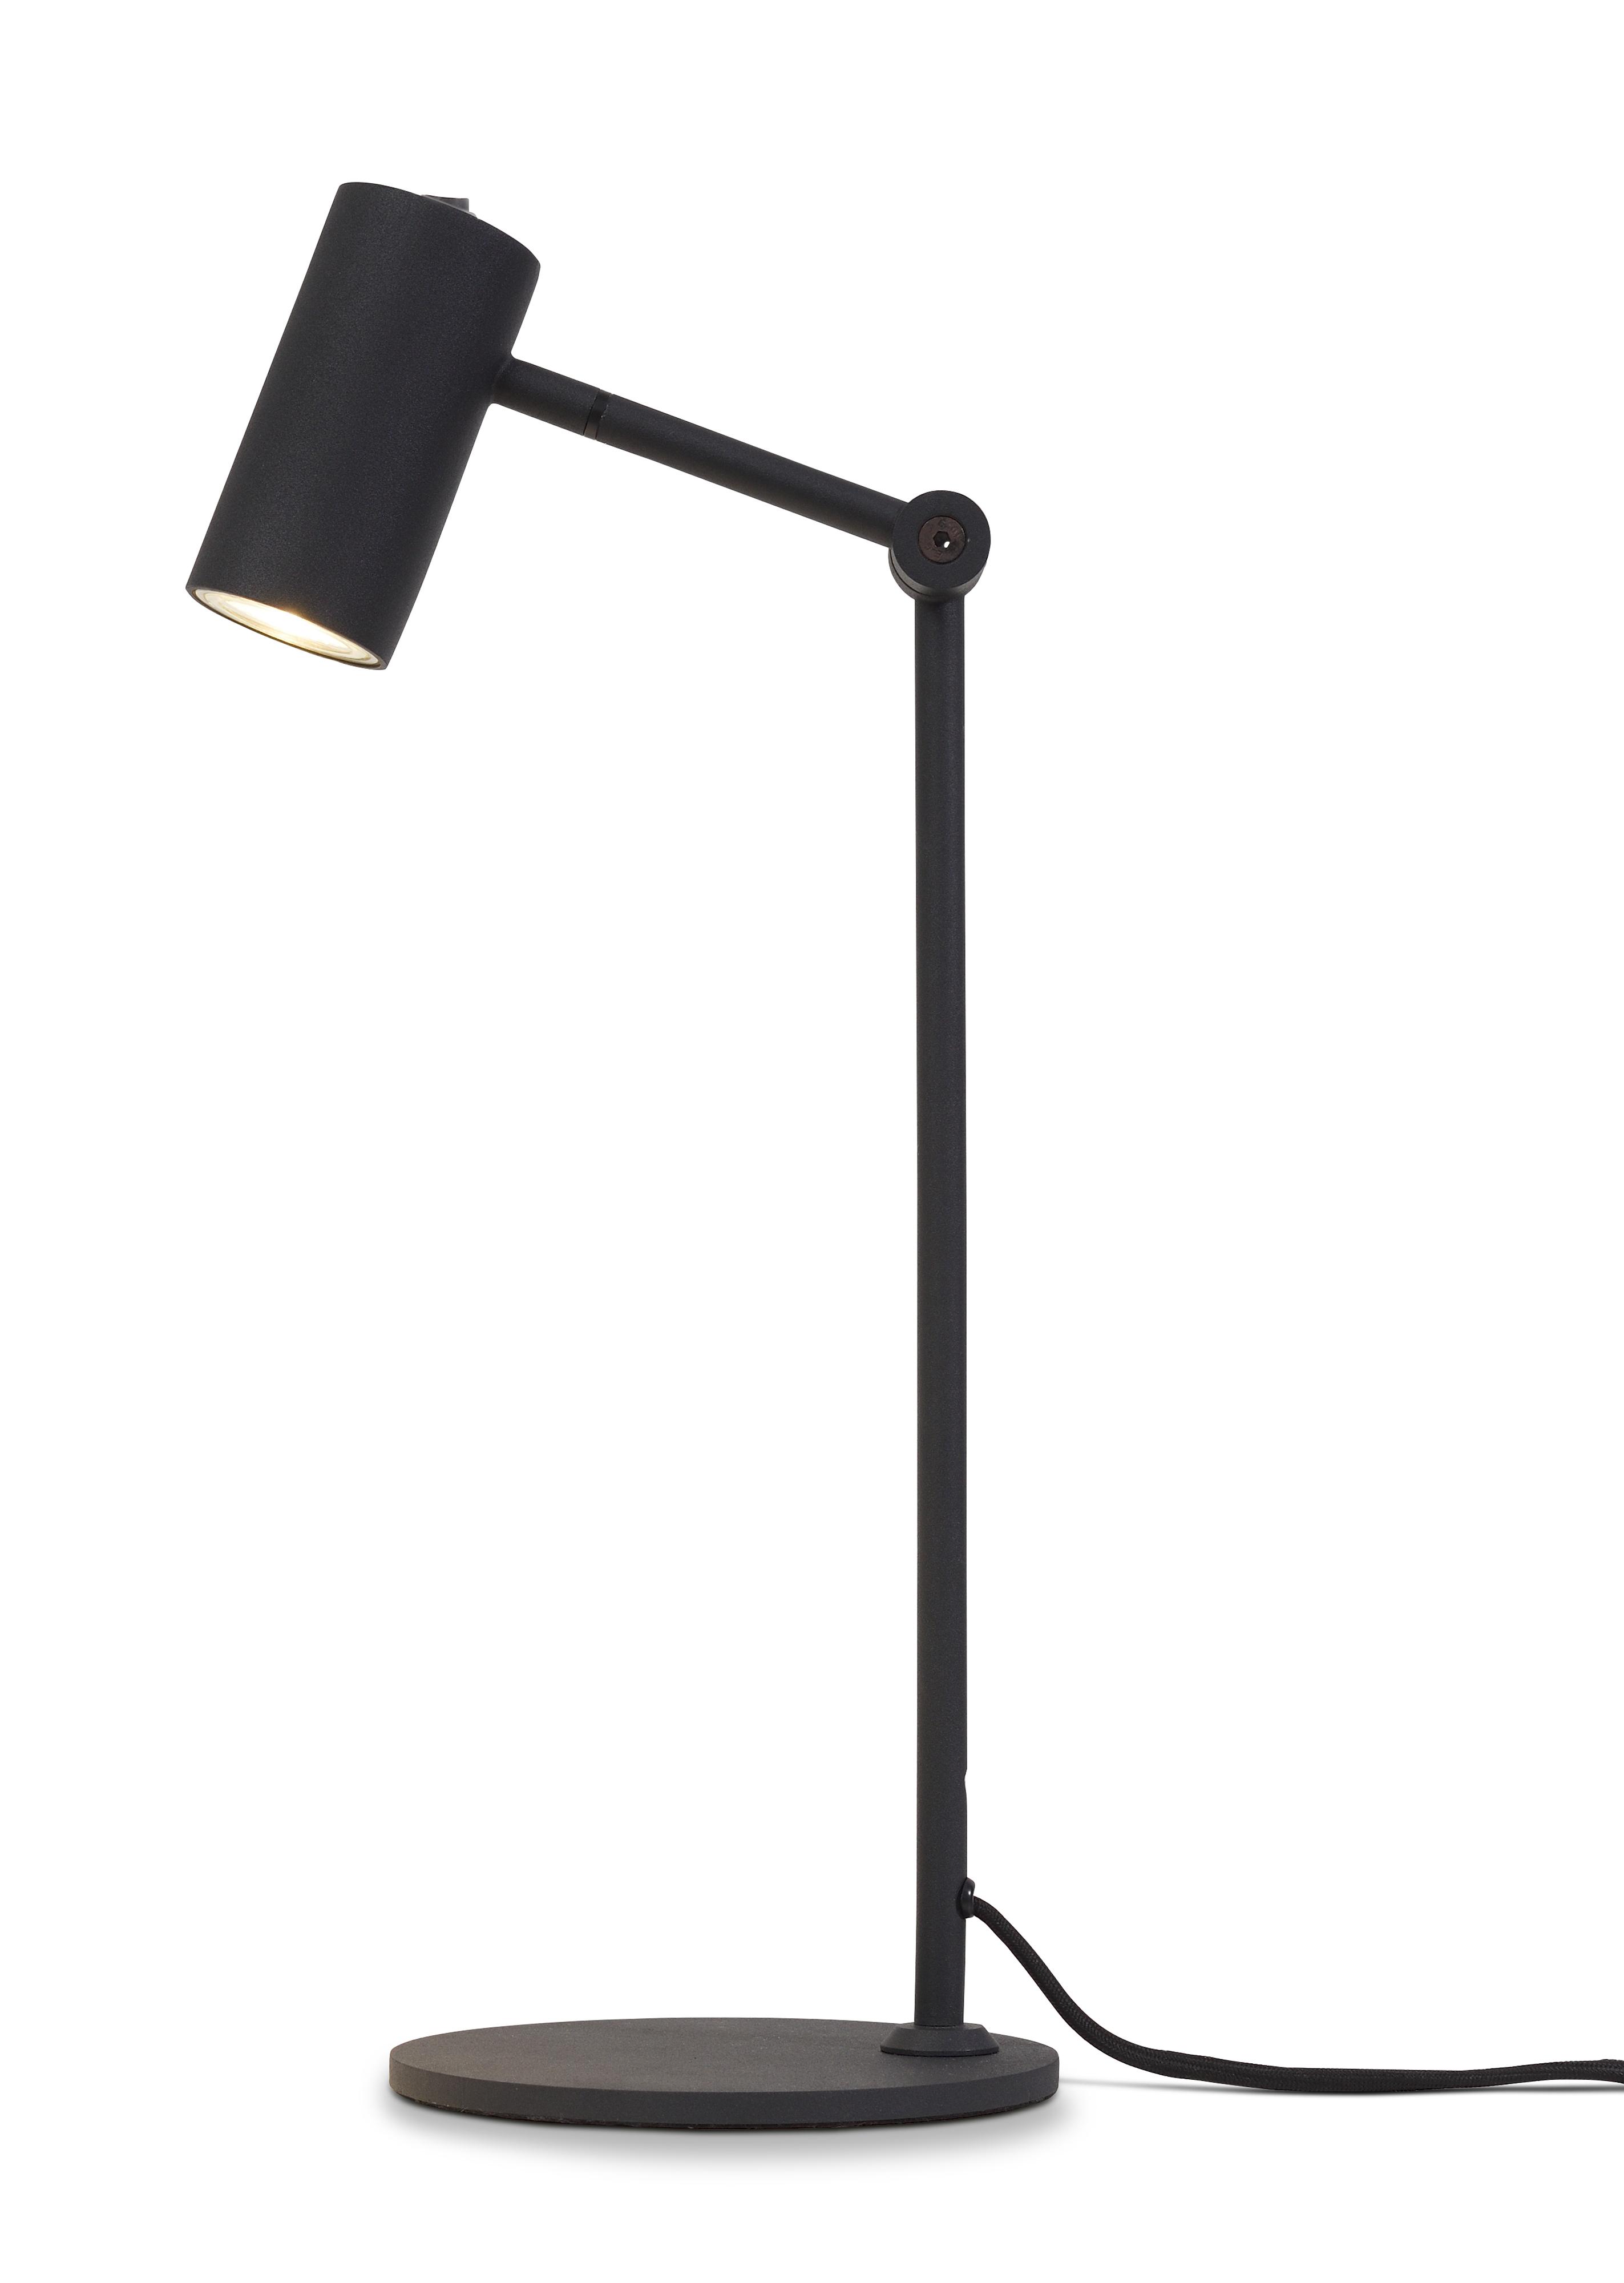 Lampe de table inclinable noire H40cm